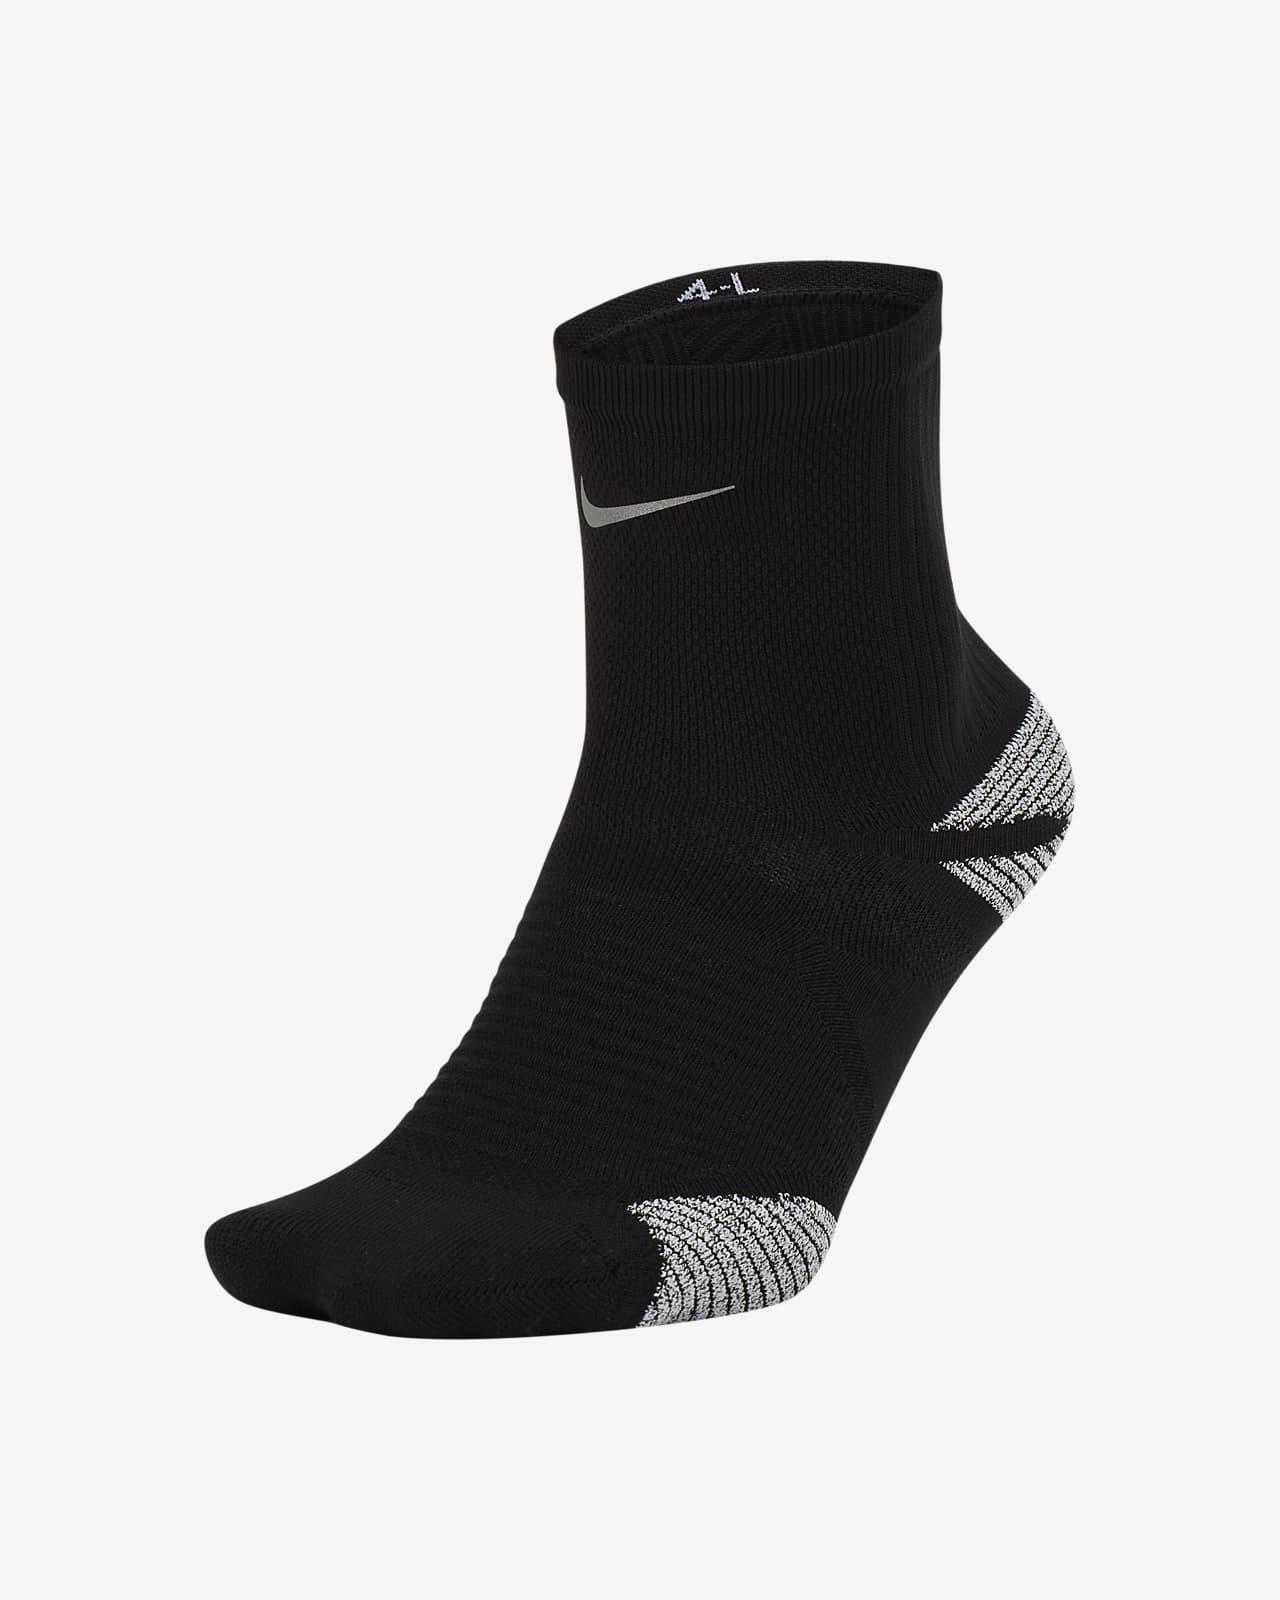 Meias pelo tornozelo Nike Racing